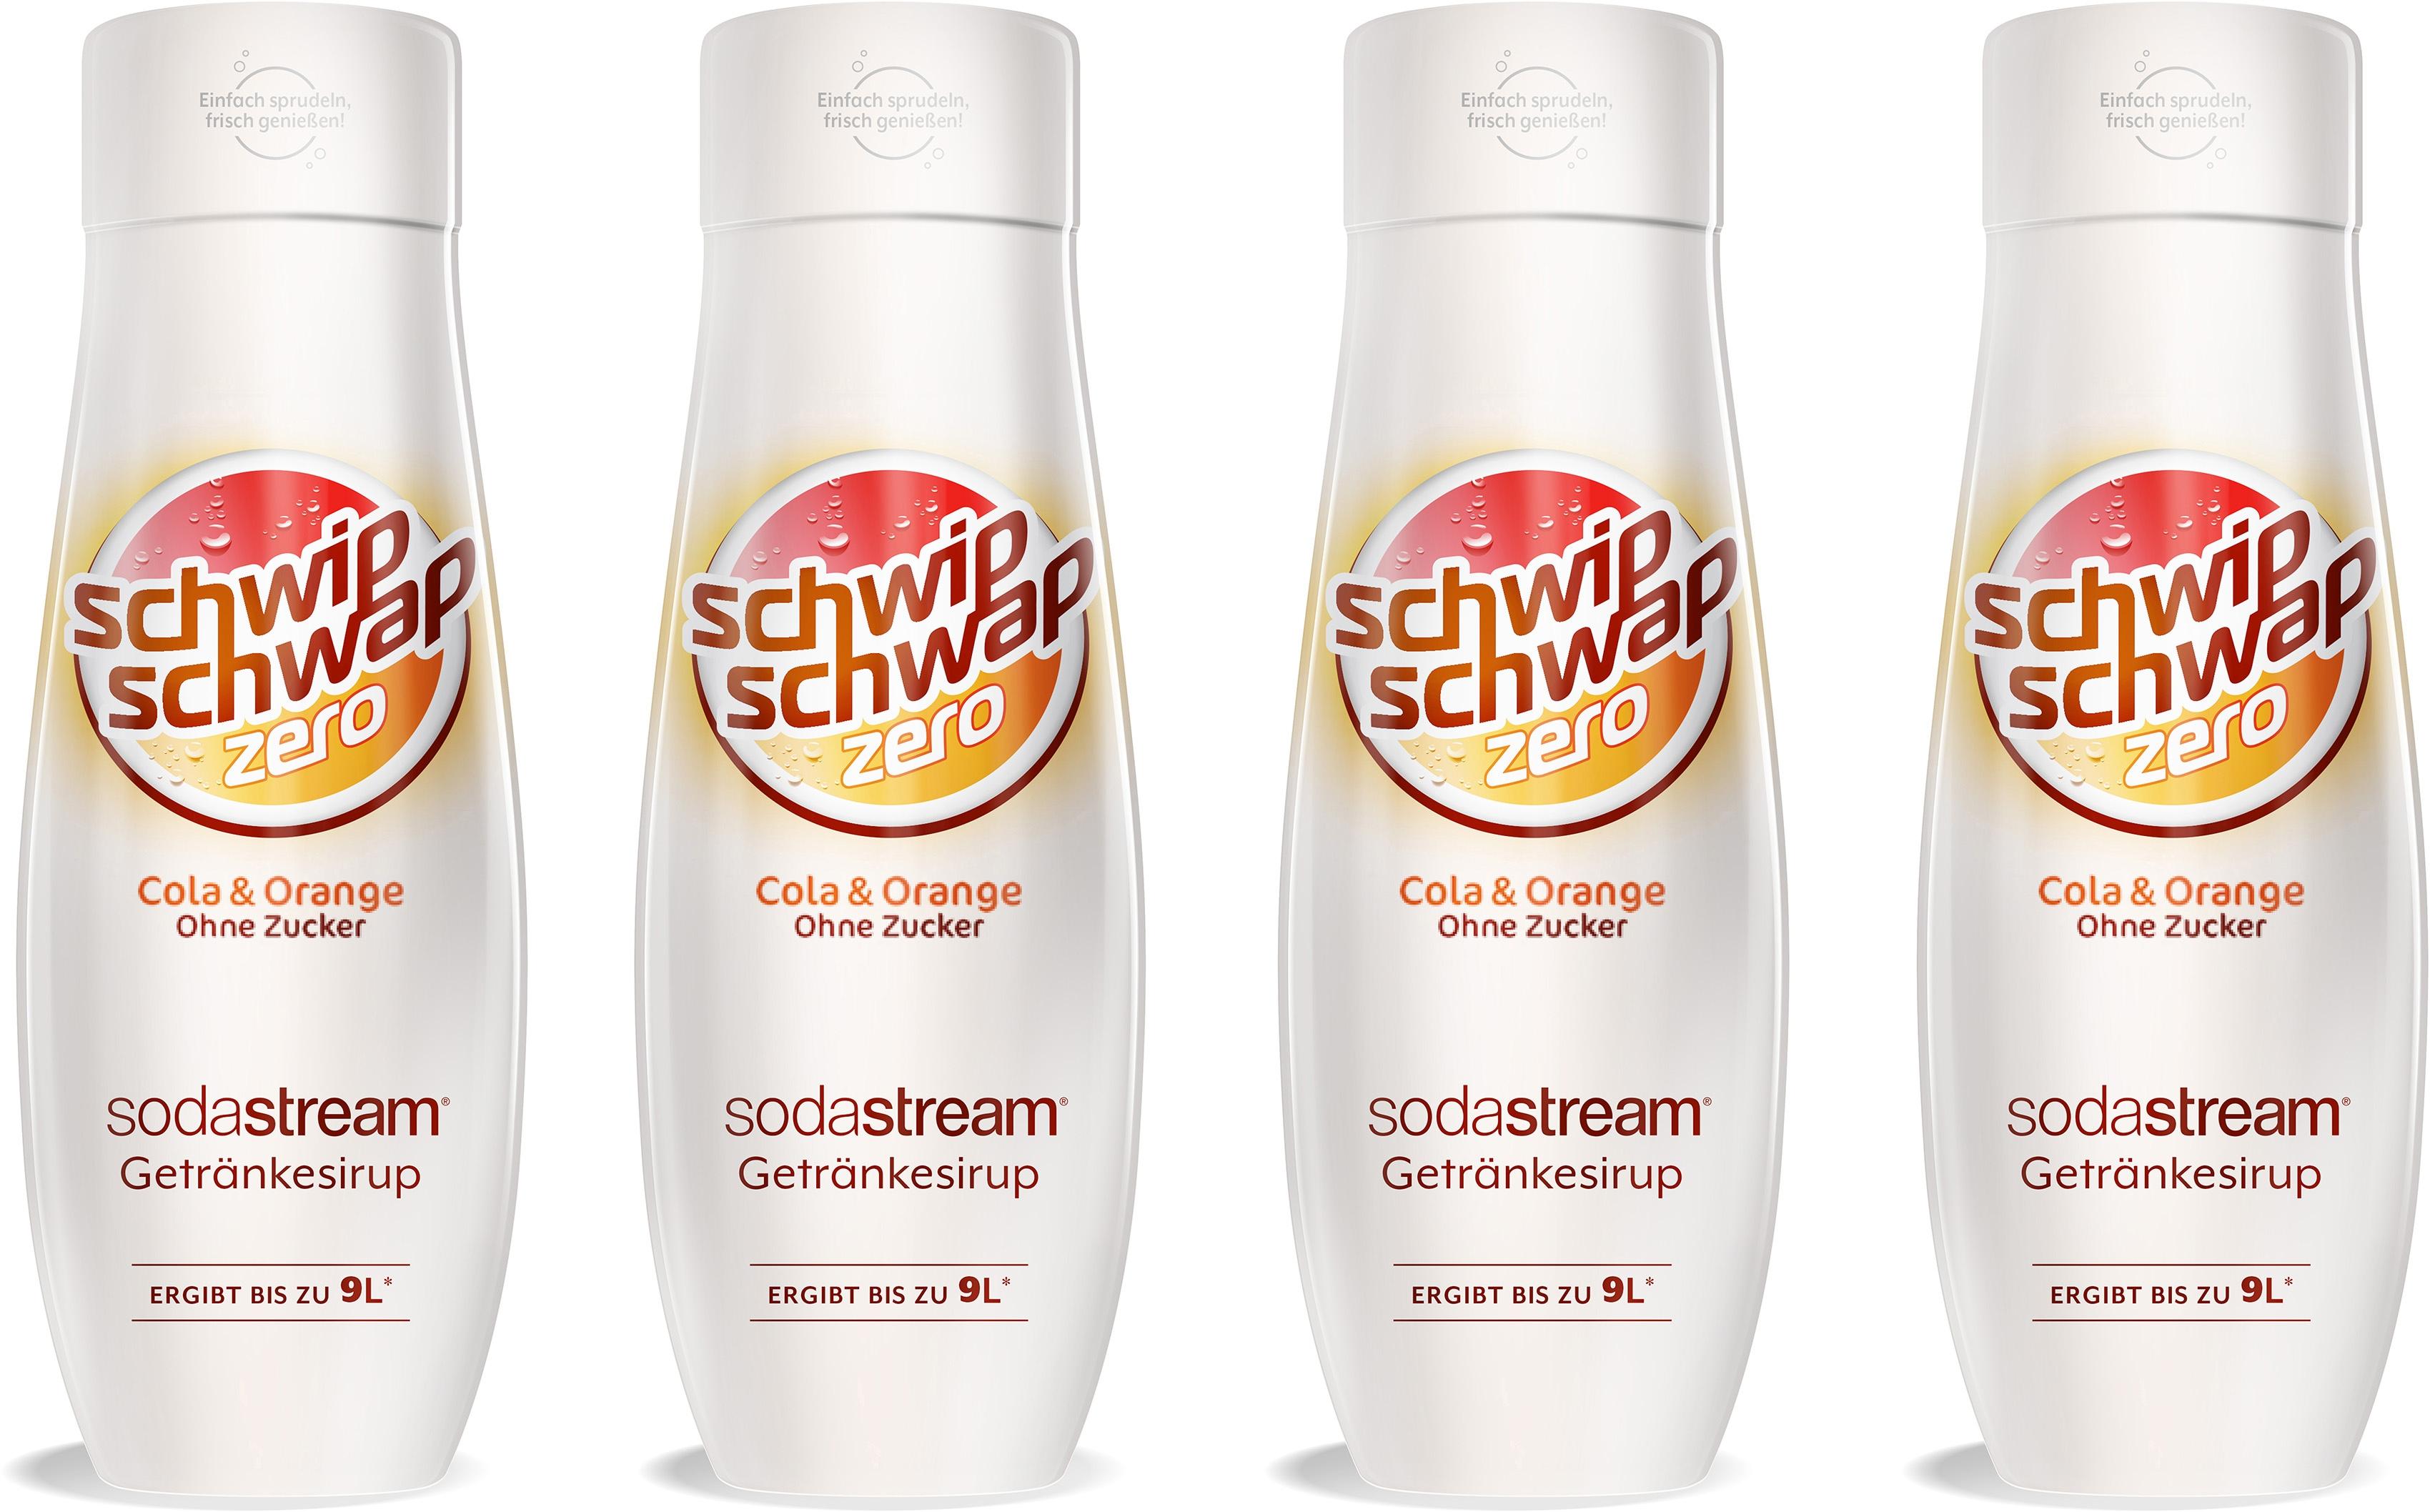 SodaStream Getränke-Sirup, SchwipSchwap (Cola & Orange), ohne Zucker, (4 Flaschen), für bis zu 9 Liter Fertiggetränk